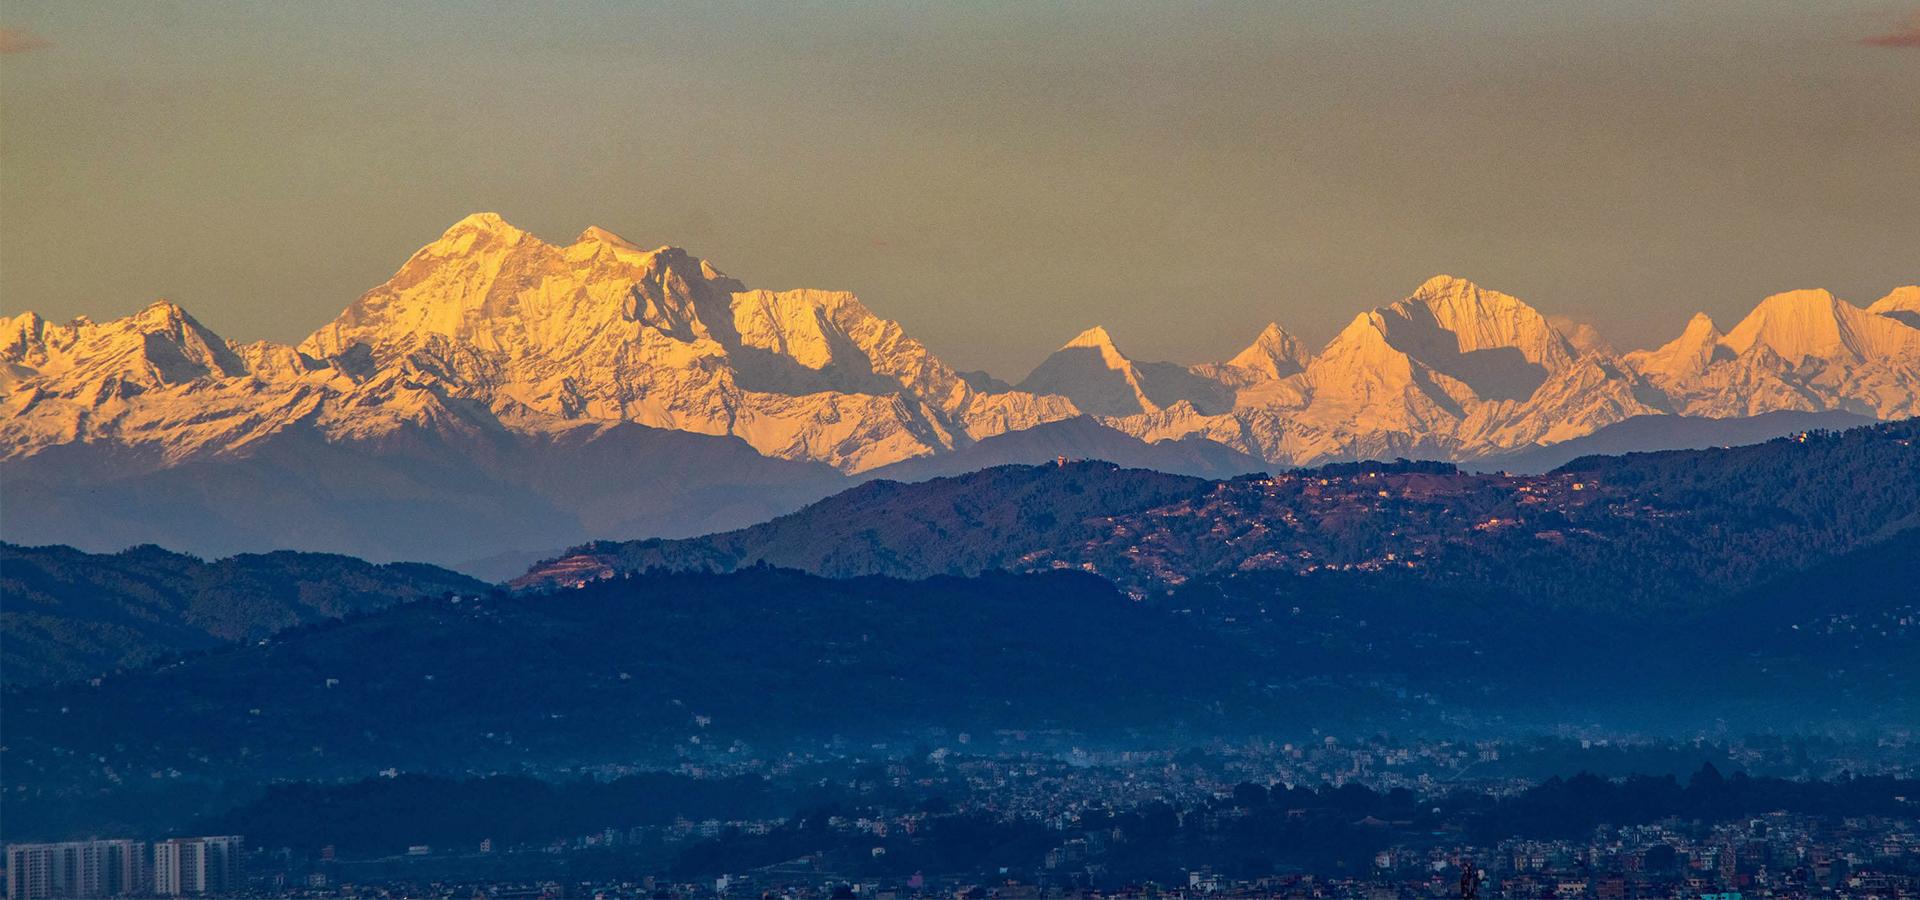 Gauri Shankar, Kang Nachugo, Mt Everest, Chobutse . Credits Abhushan Gautam